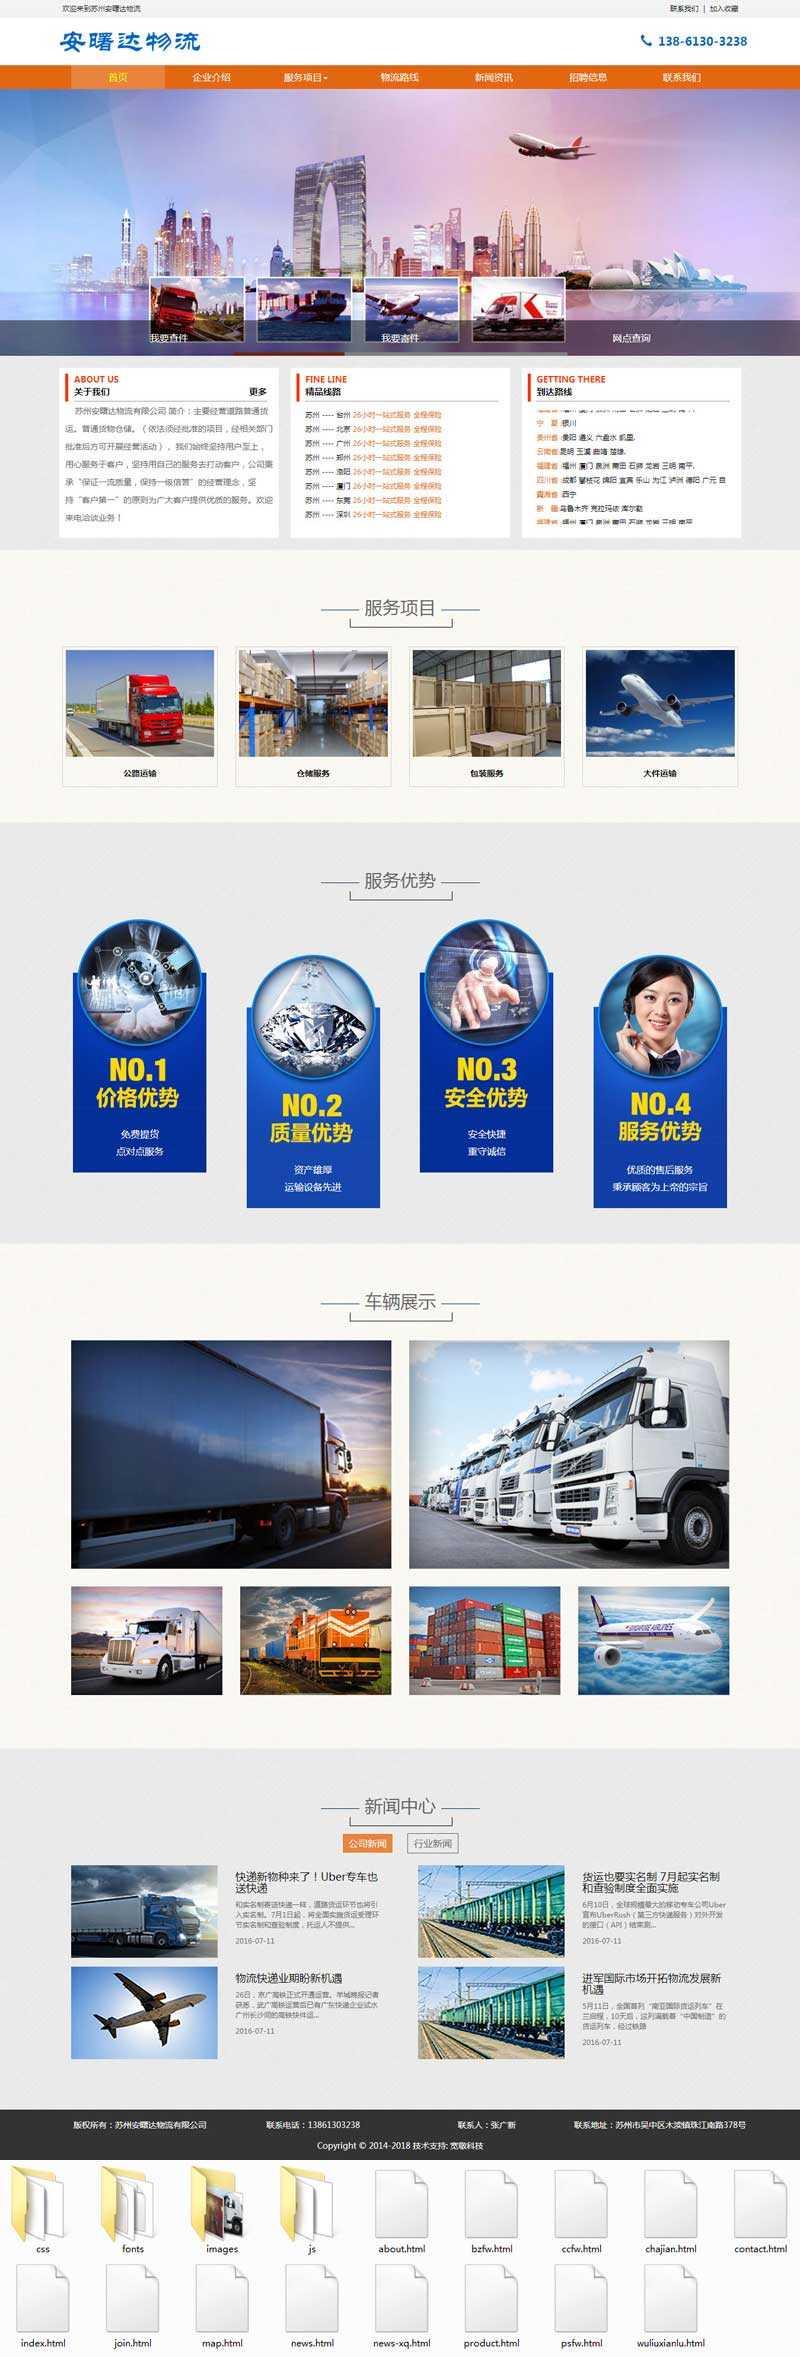 橙色大气货运物流公司网站模板